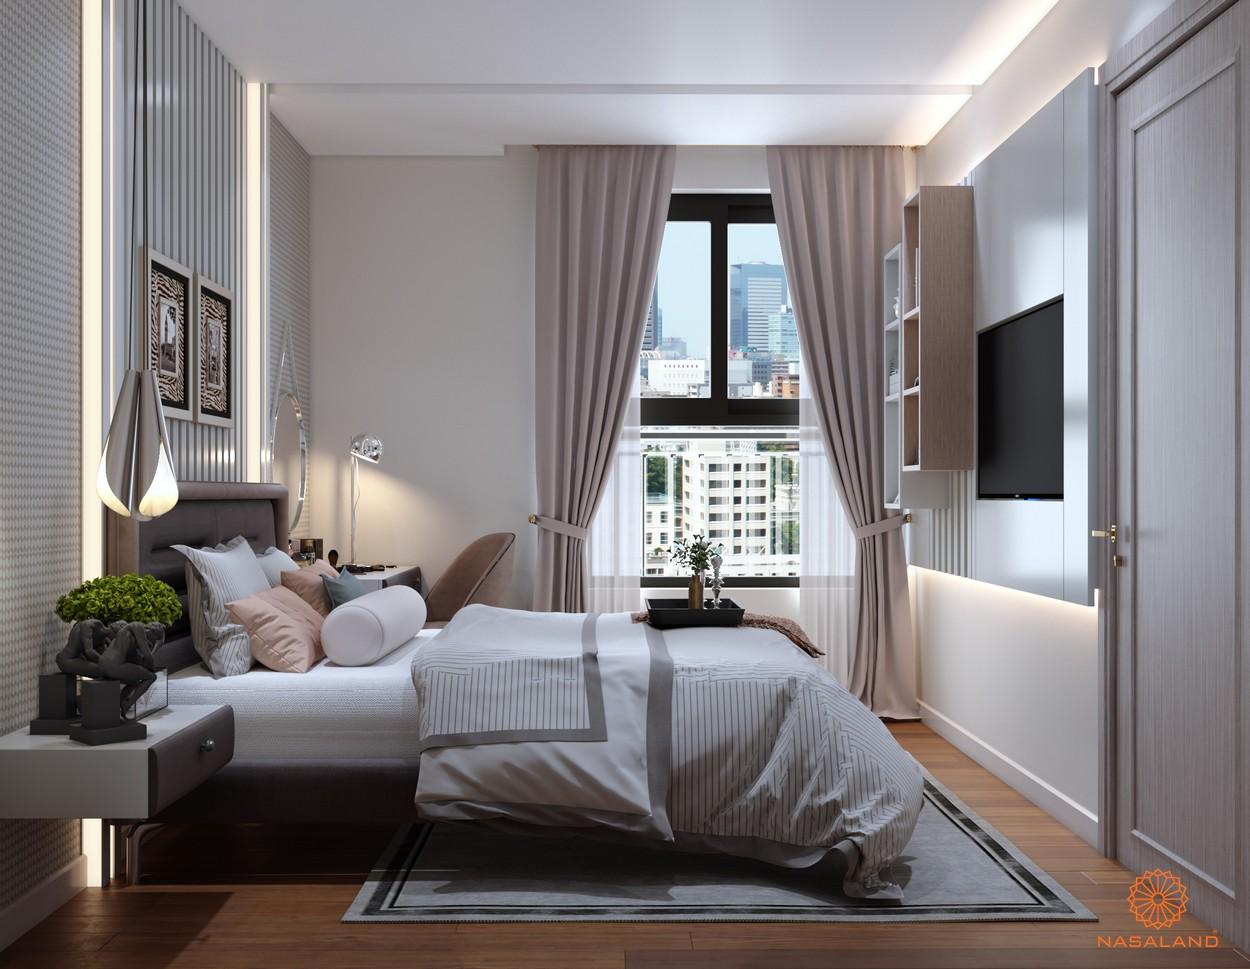 Nội thất phòng ngủ Asiana quận 6 với những đường sọc là điểm nhấn tạo nét sang trọng cho căn phòng